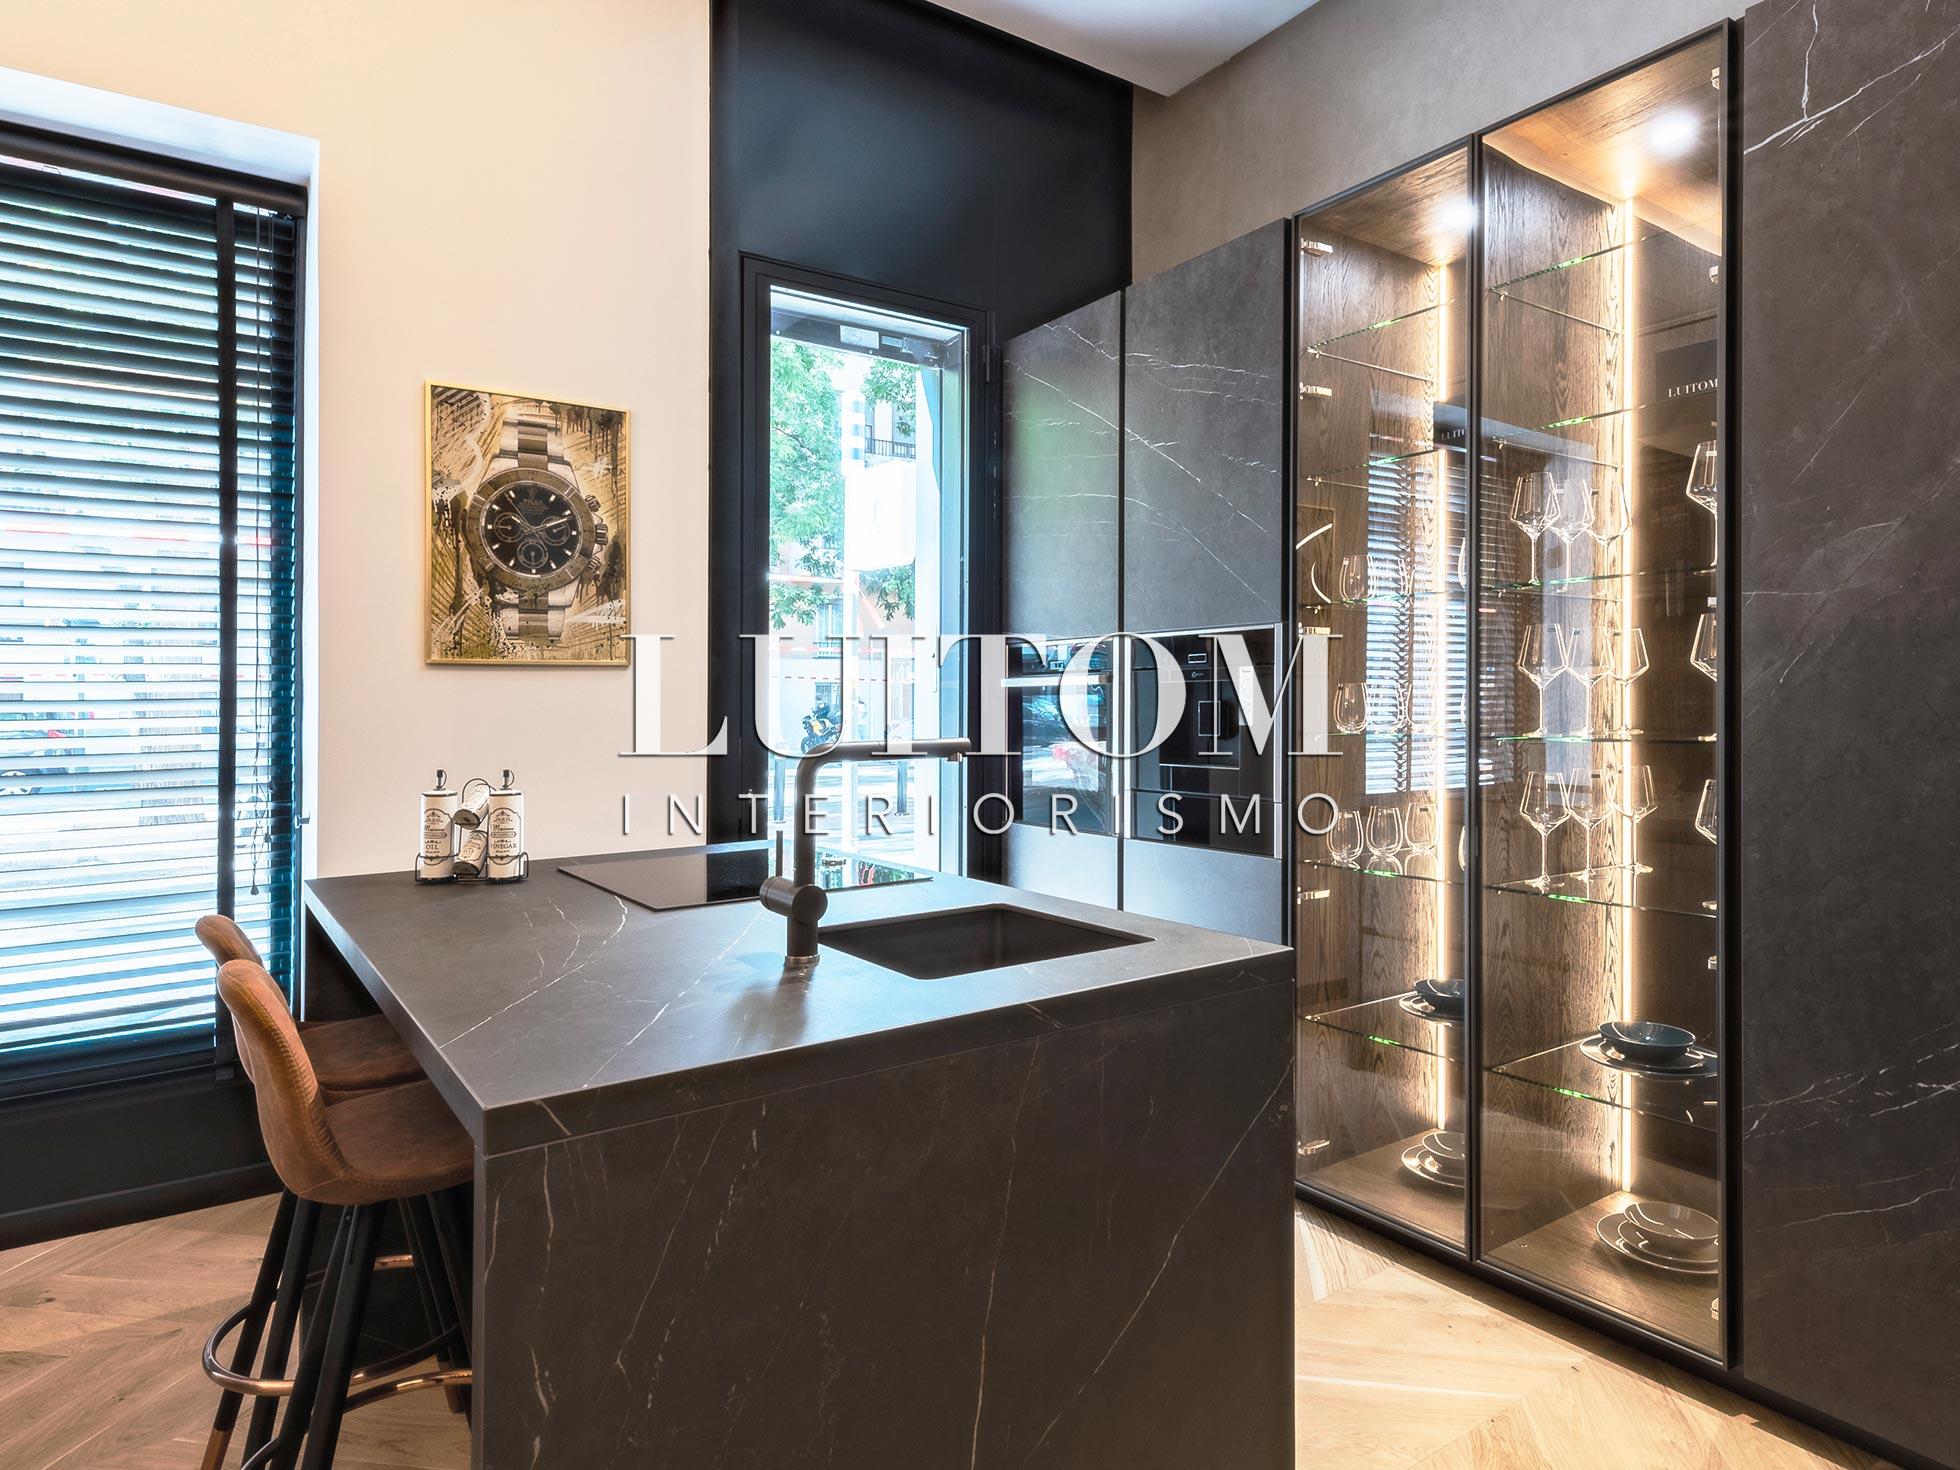 luitom-interiorismo-arquitectura-y-decoracion-en-madrid-10